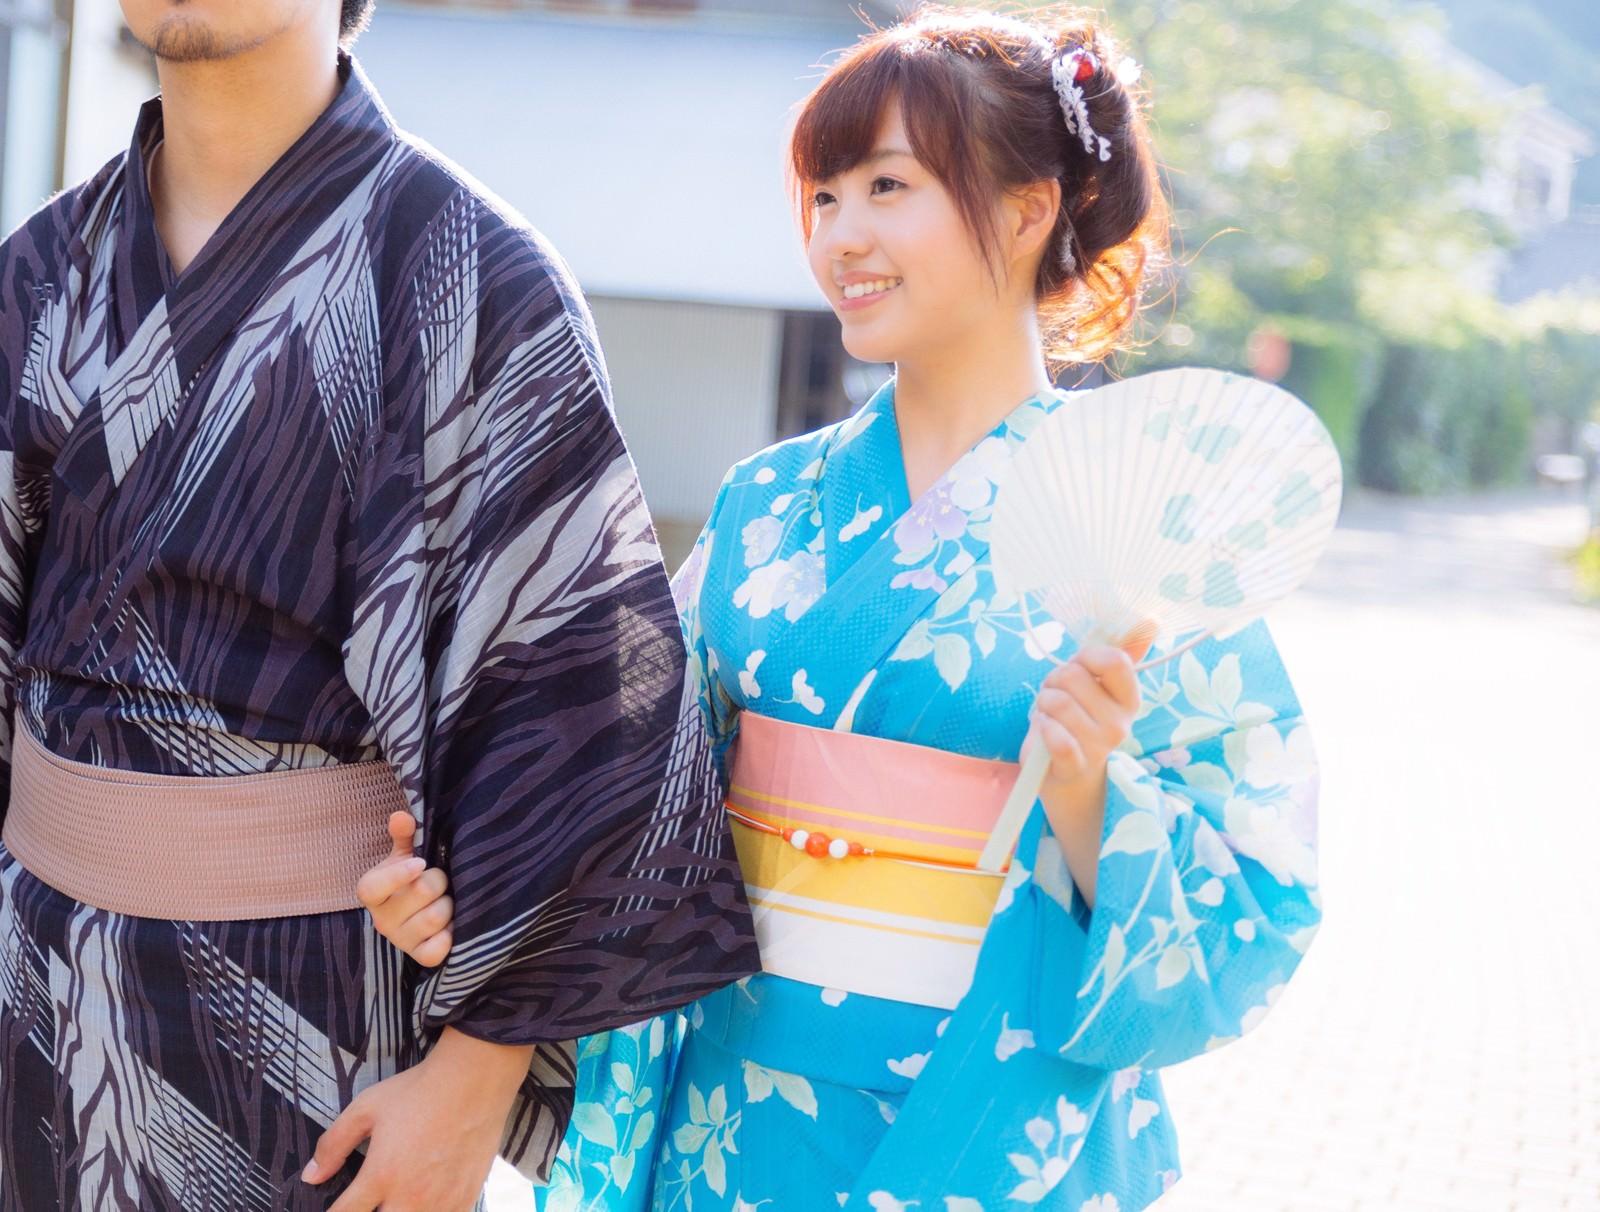 「笑顔が溢れる浴衣デート(恋人)笑顔が溢れる浴衣デート(恋人)」[モデル:河村友歌]のフリー写真素材を拡大